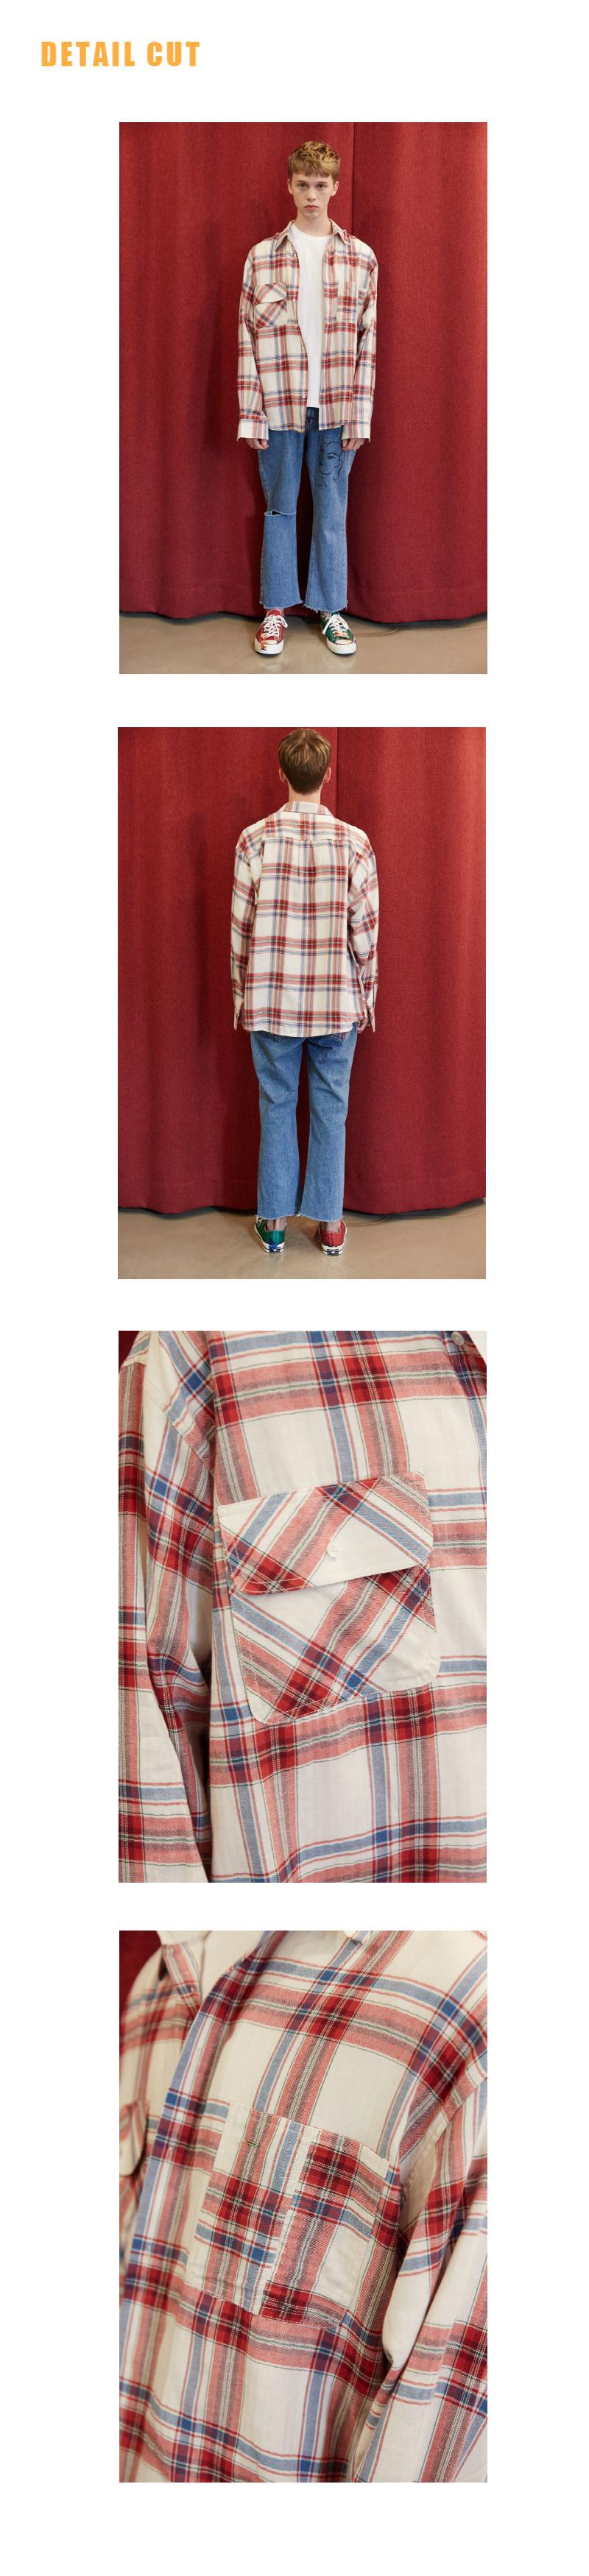 미드나잇 무브(MIDNIGHT MOVE) [unisex] 포켓 셔츠 (red)